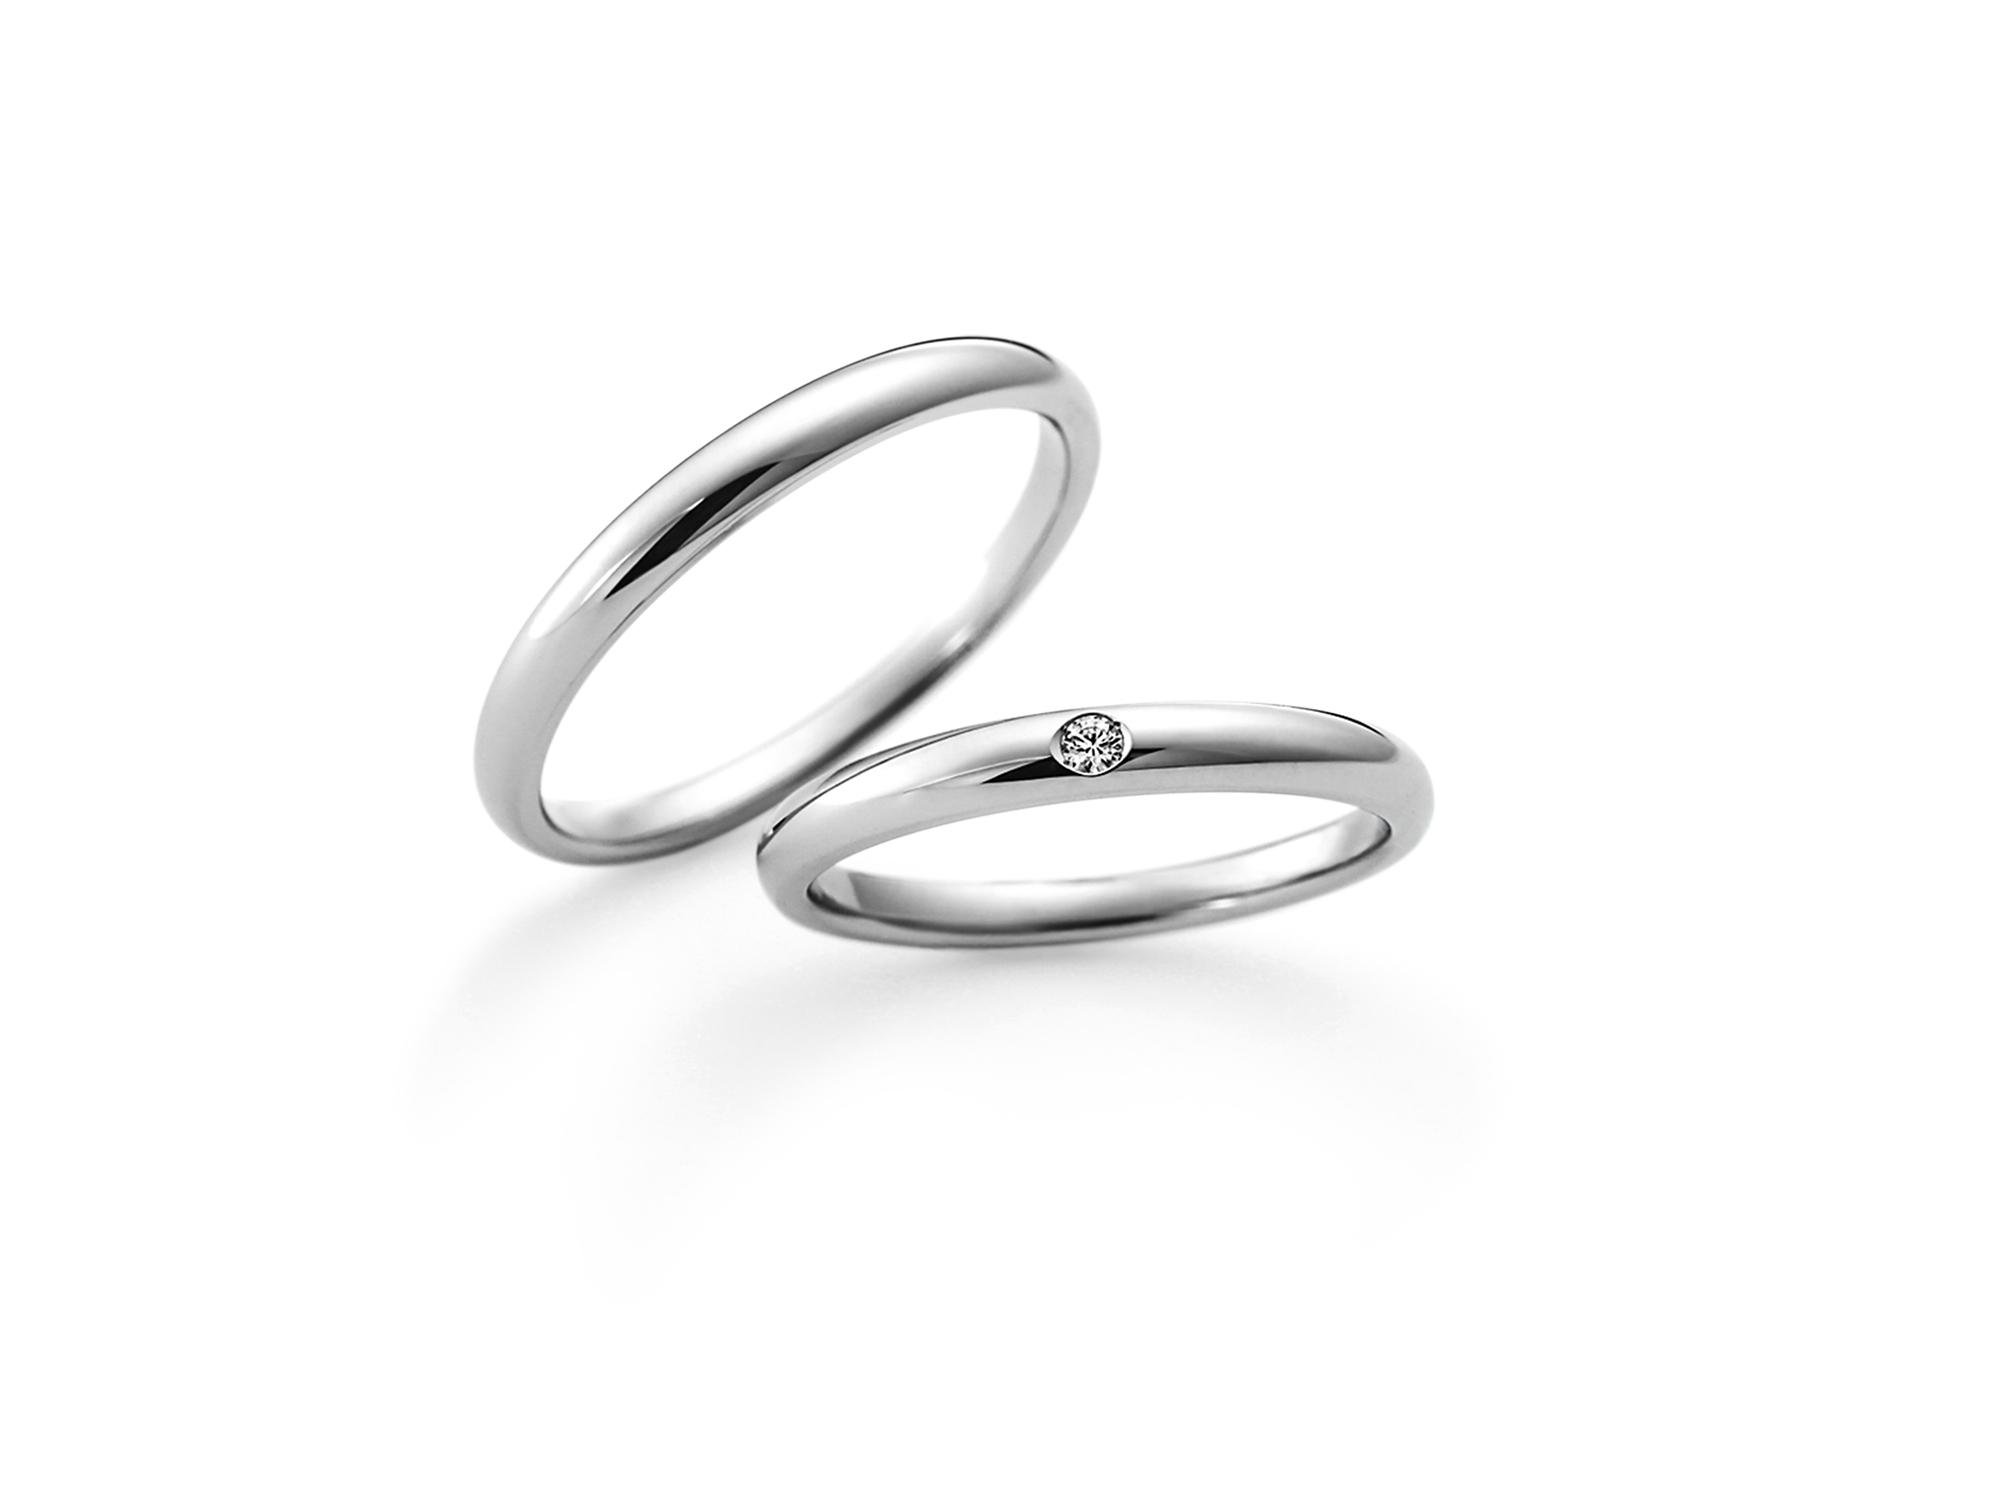 ストレートの結婚指輪|お気に入りのリングが見つかる3つの選び方・人気デザイン、ブランド